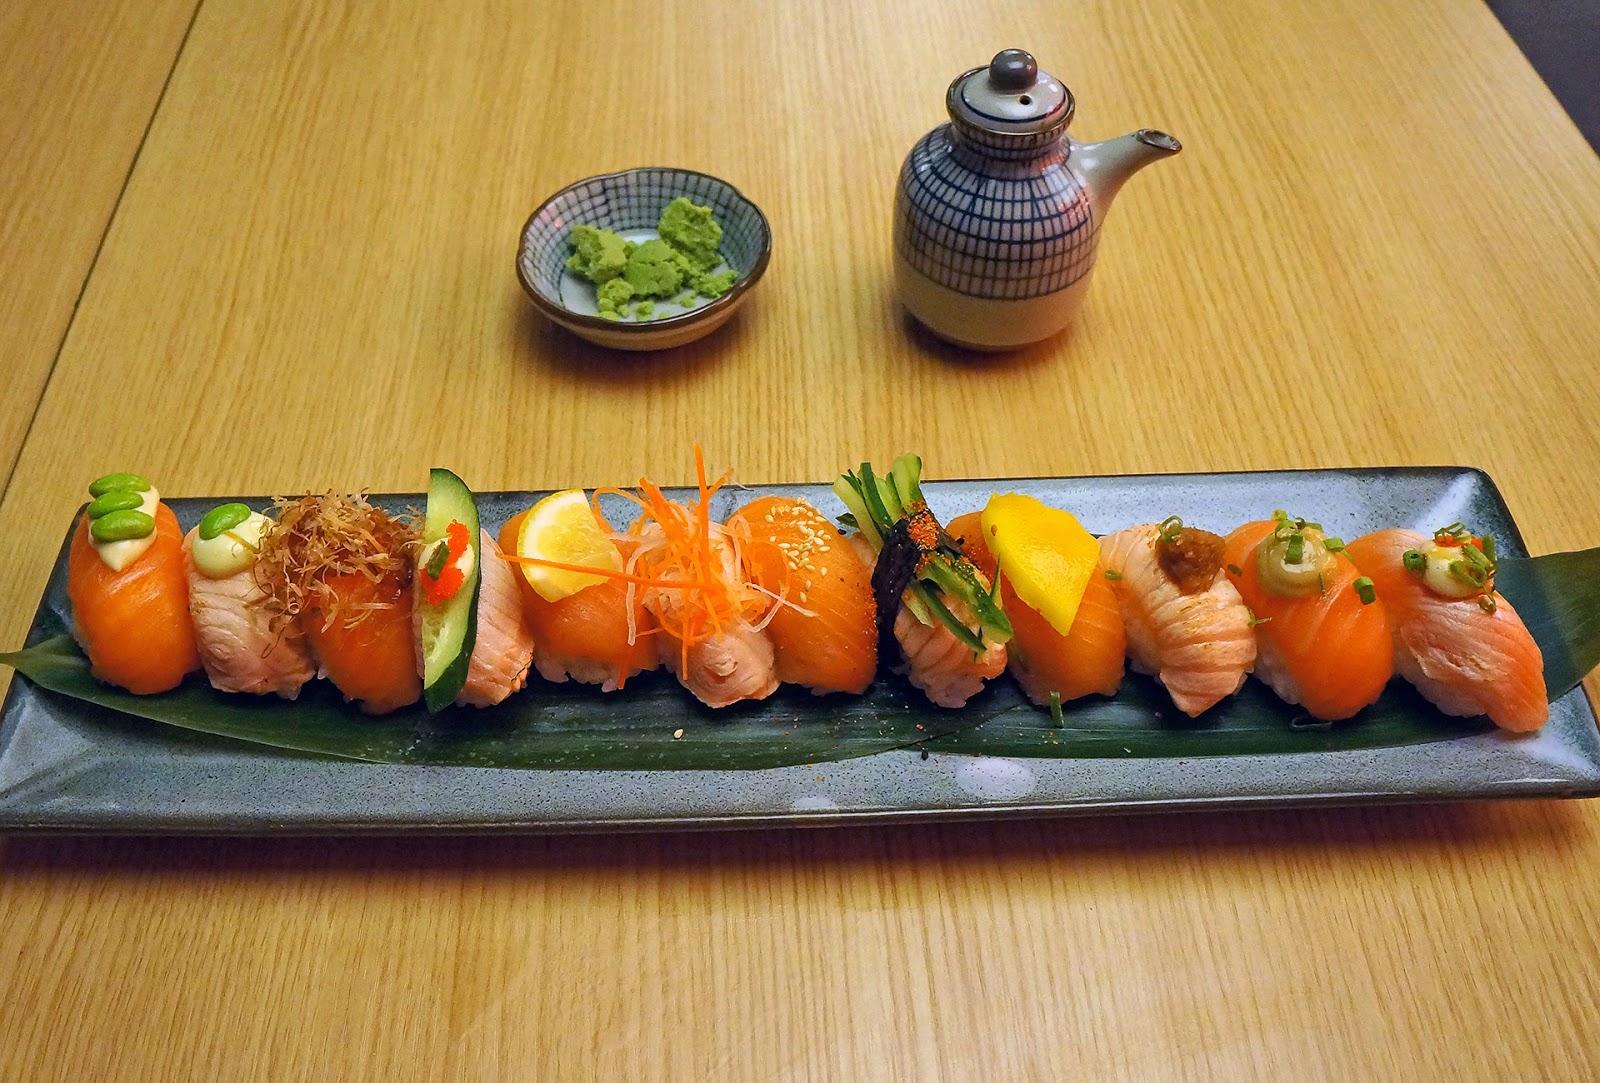 贪吃的狗 Tokyo Kitchen IOI City mall 三文鱼24の创意食赏